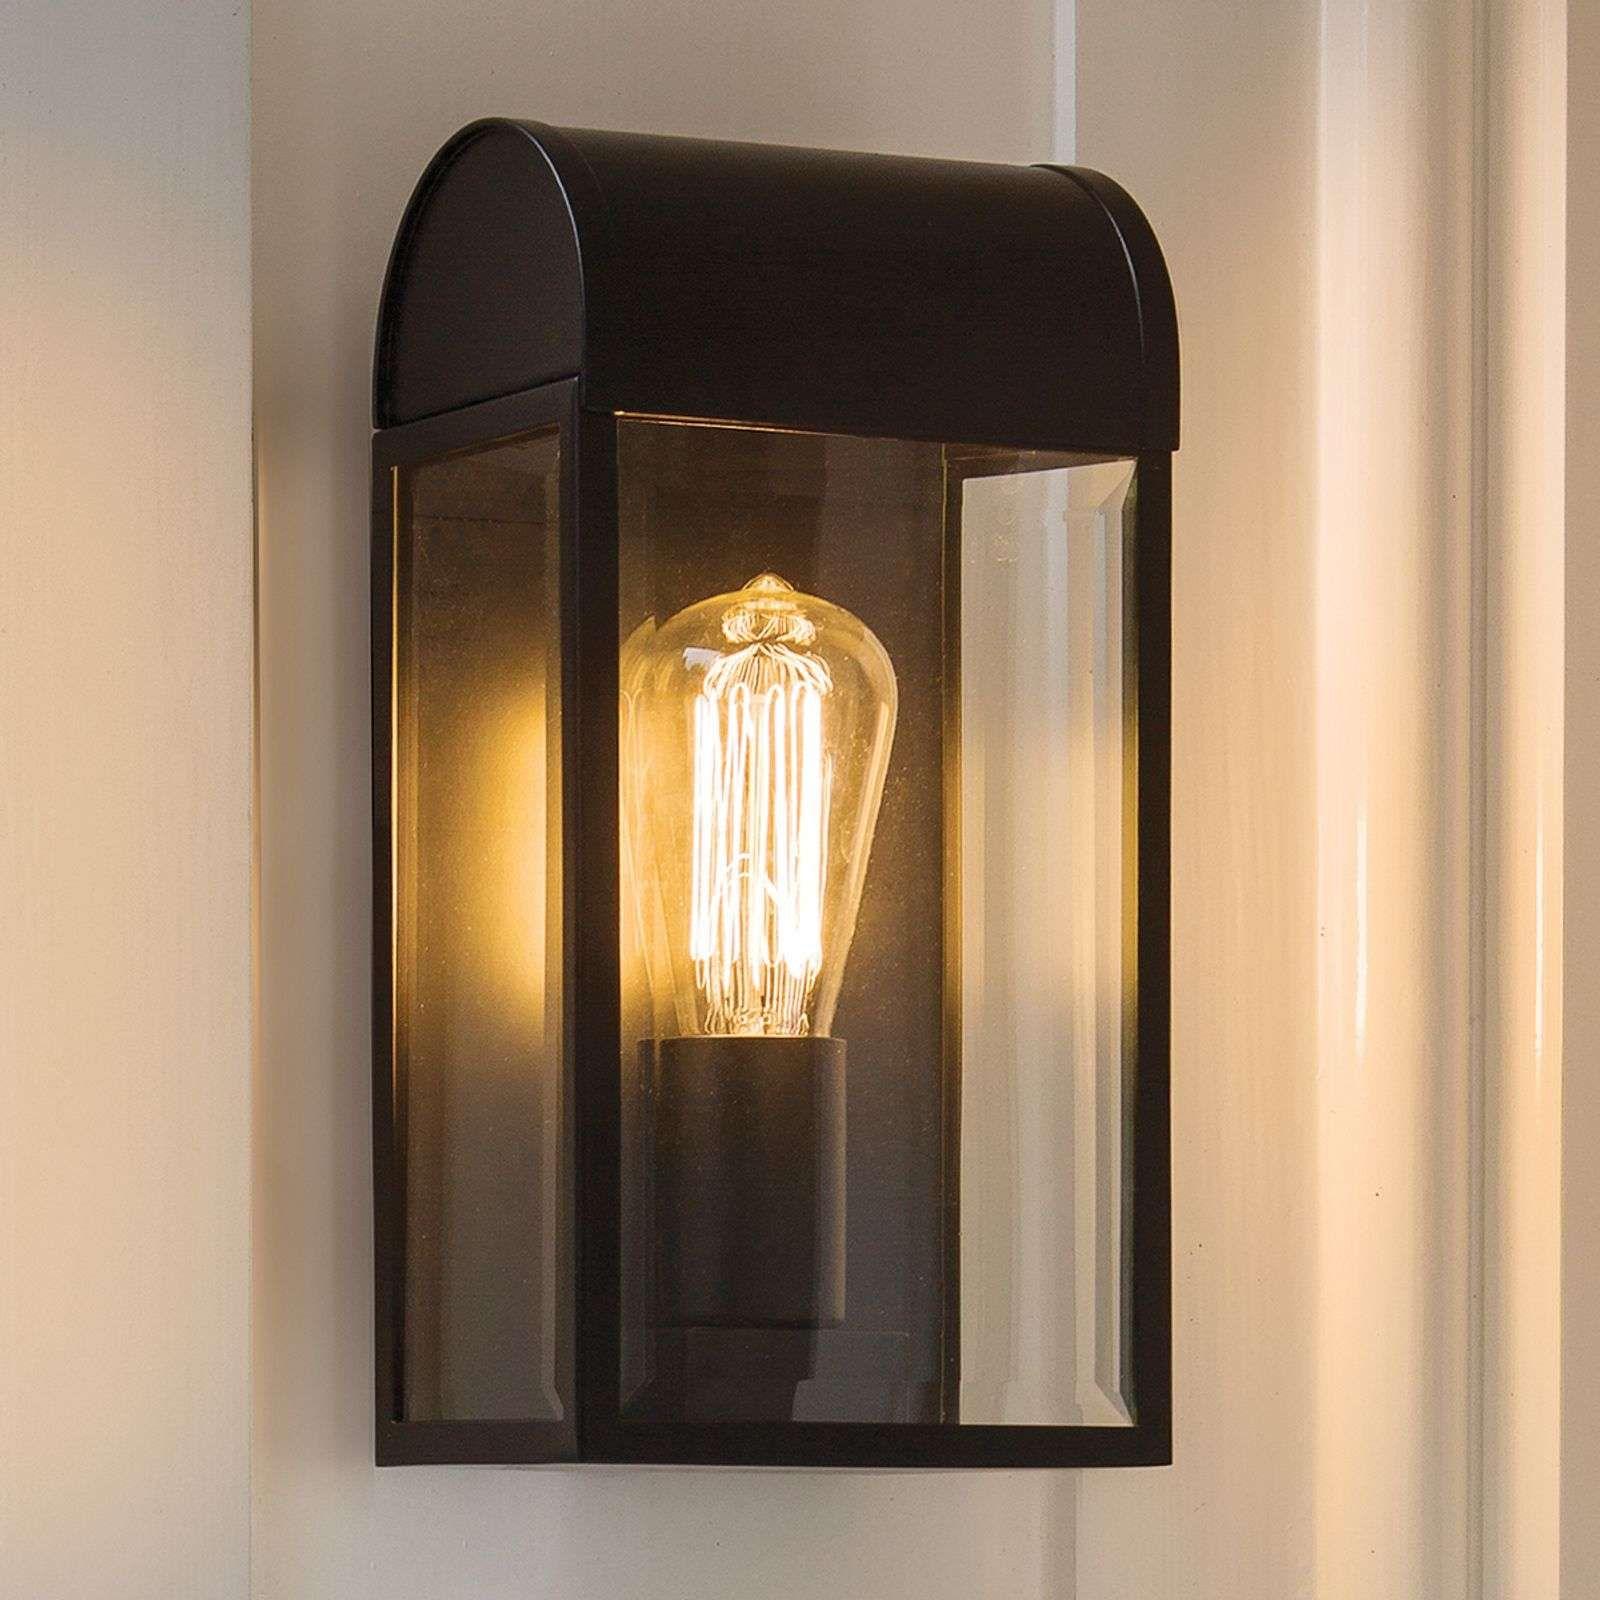 Buitenwandlamp Newbury Van Astro In 2020 Muurverlichting Wandlamp Led Lamp